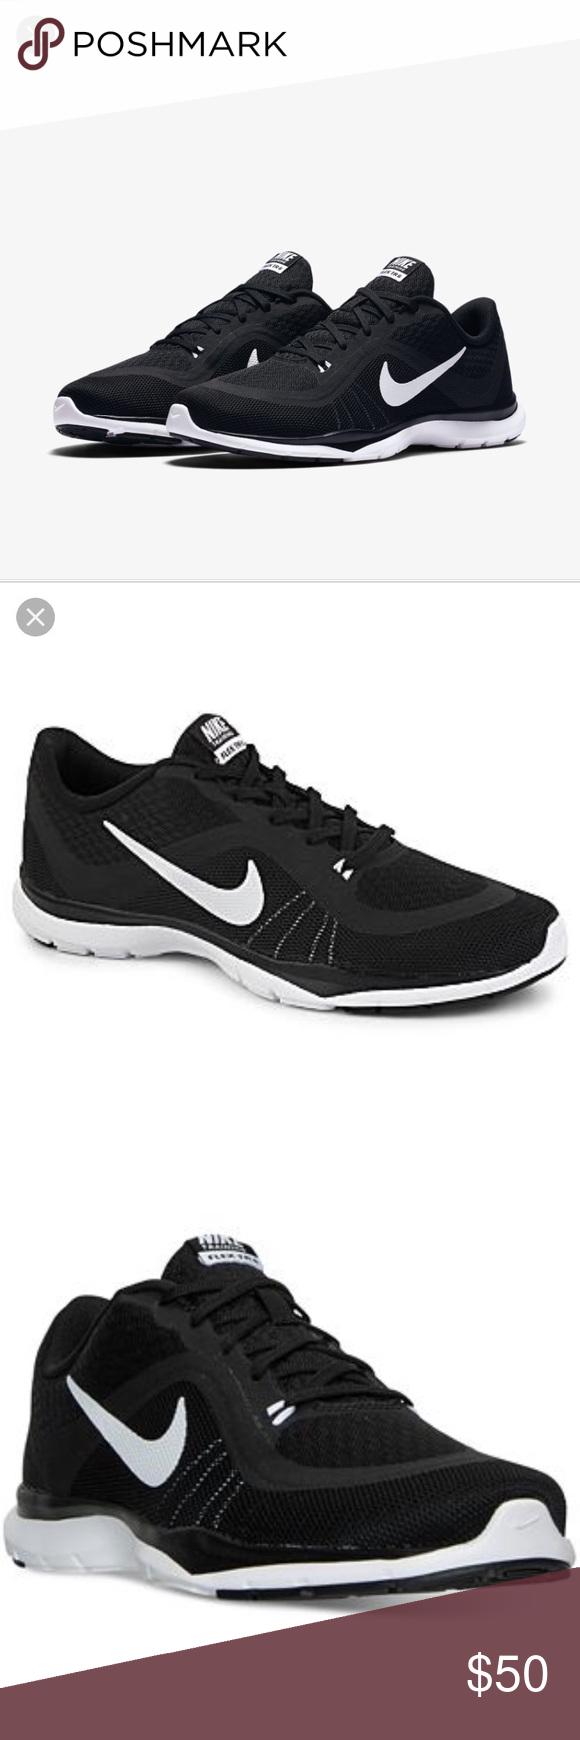 Nike Flex Trainer 6 Womens Training Shoe Nike Flex Trainer 6 Womens